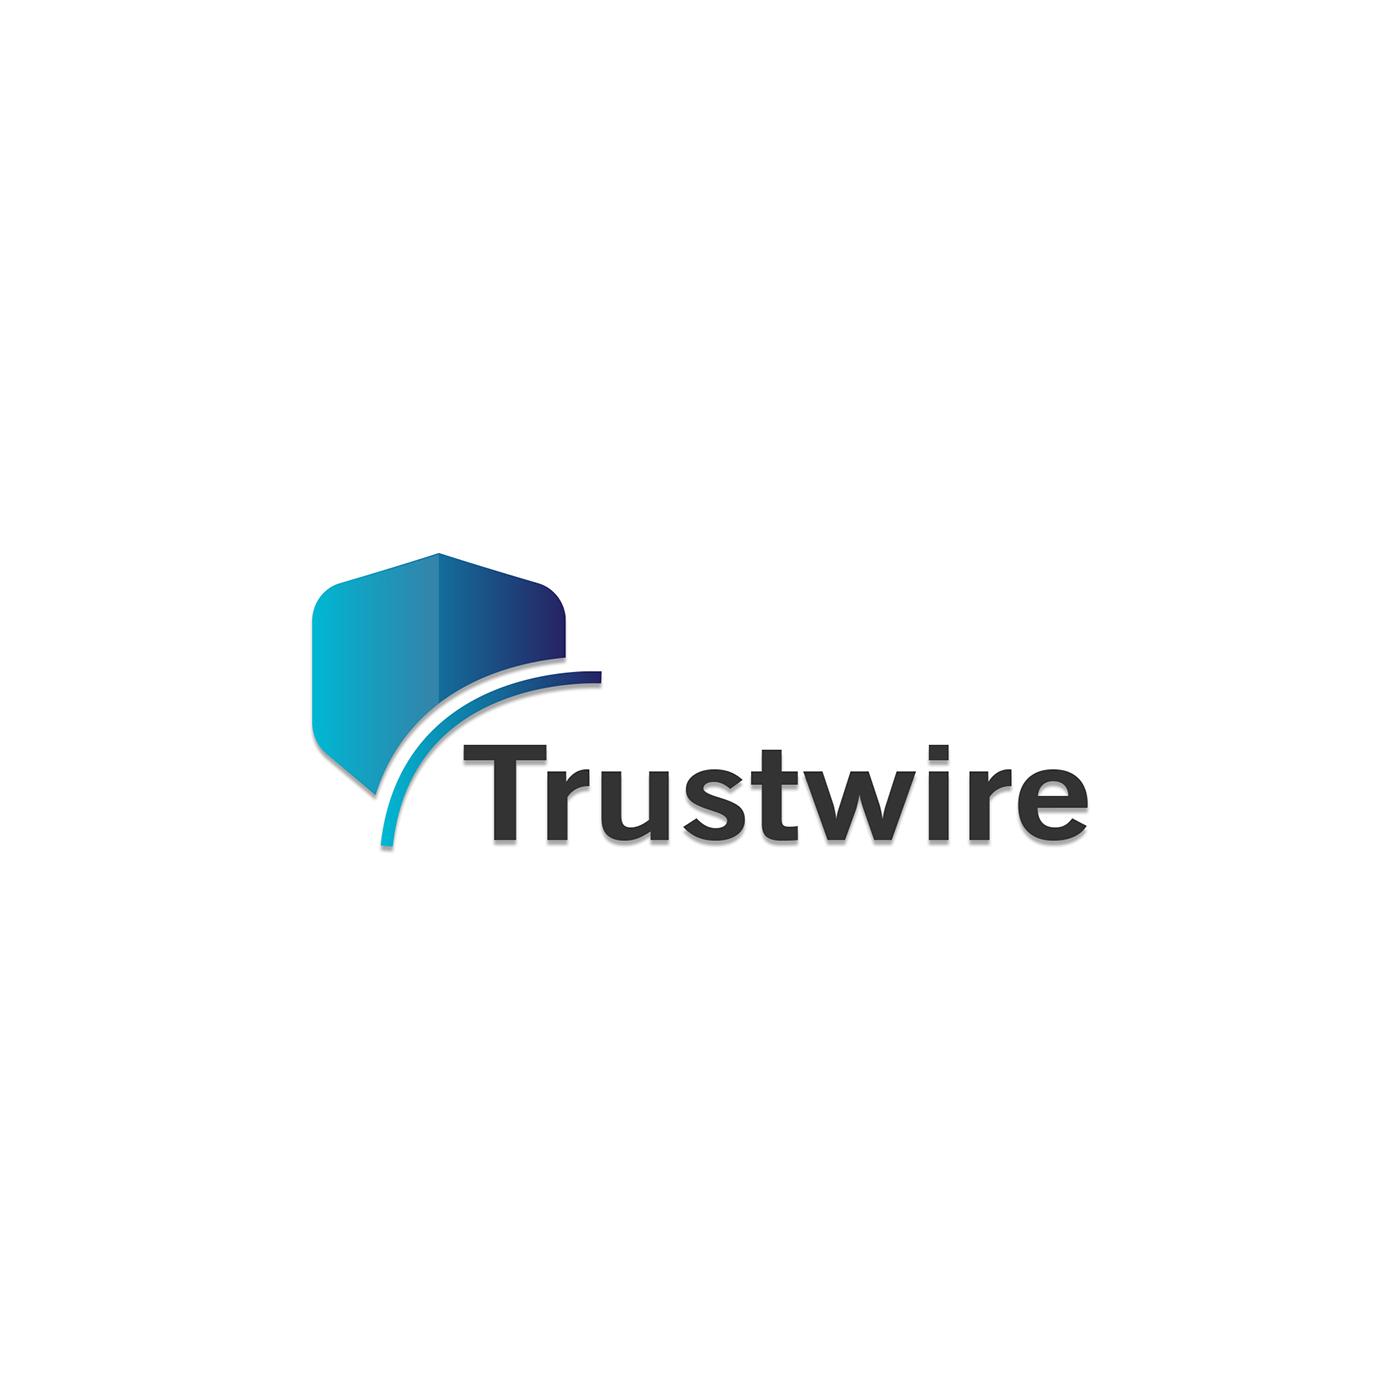 Projektowanie logo trustwire